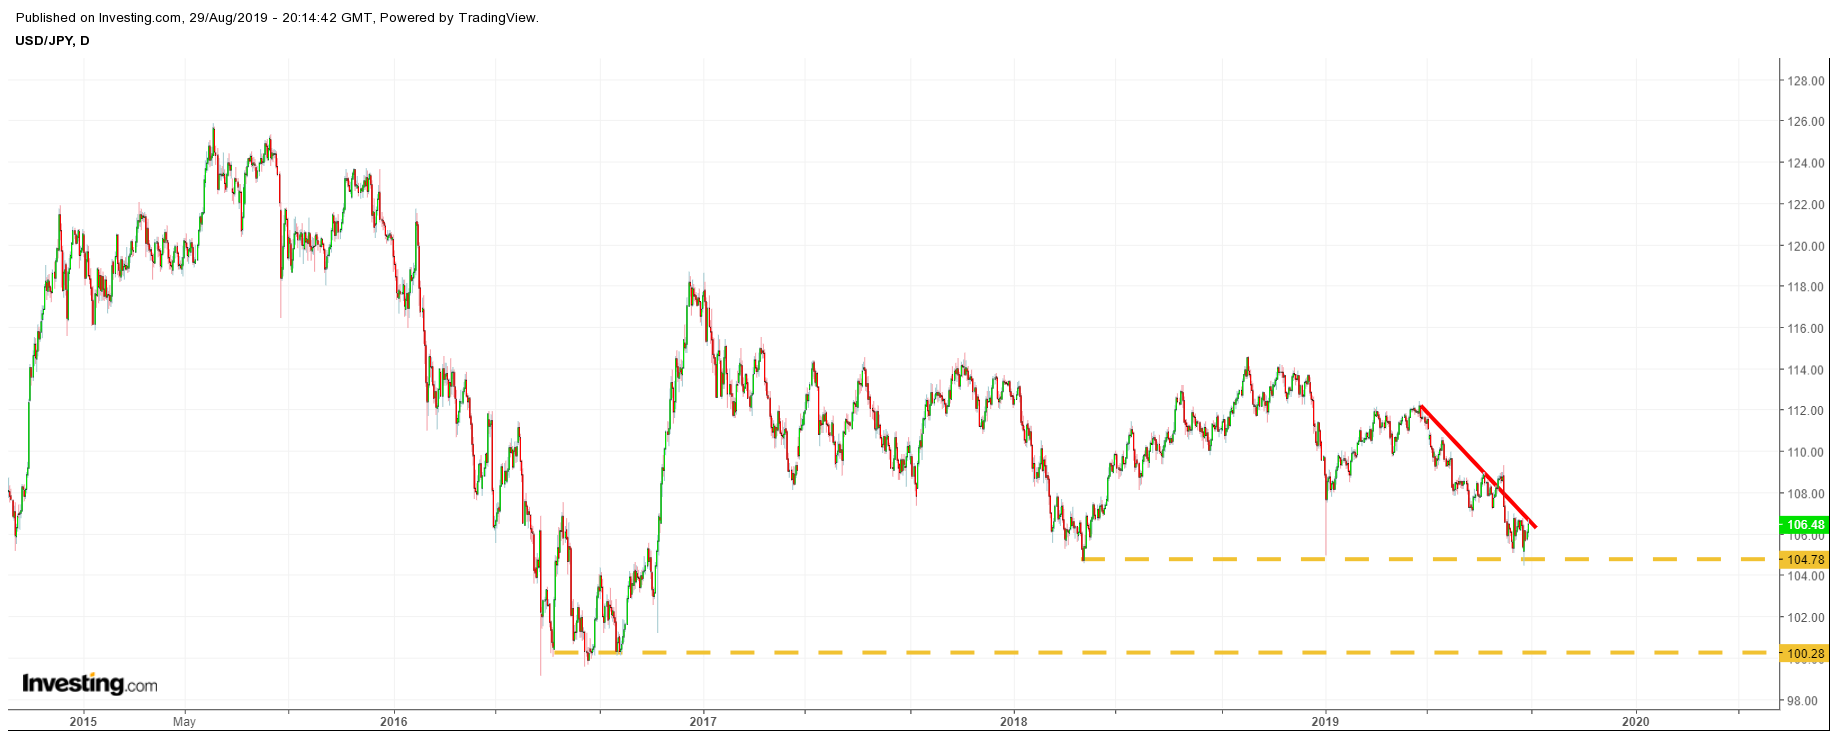 Yen price chart